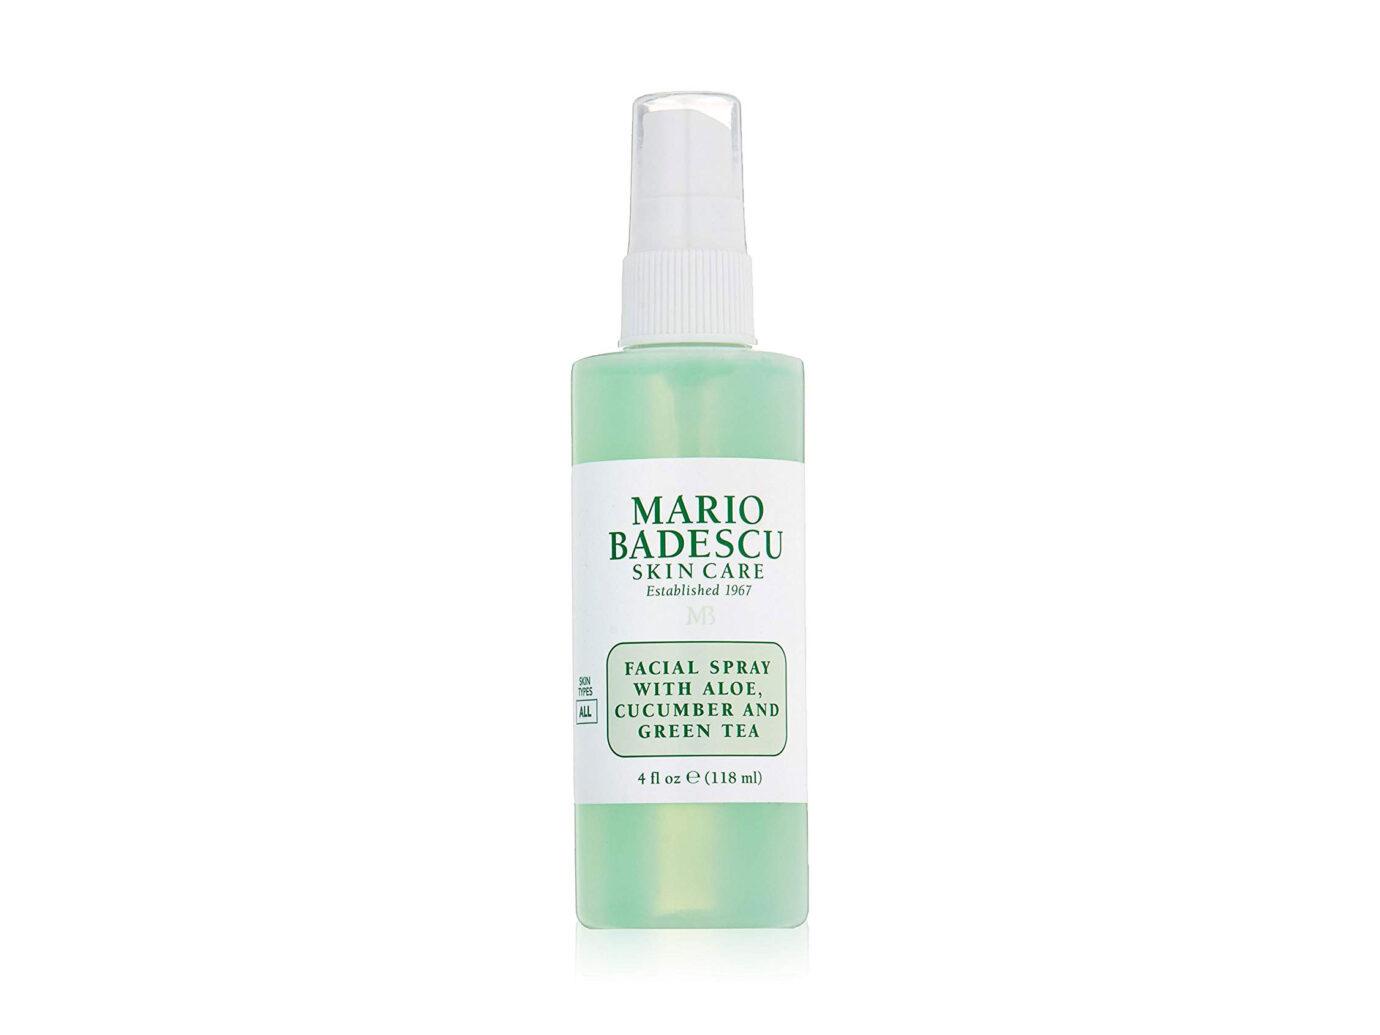 Mario Badescu Skin Care Facial Spray with Aloe,Cucumber And Green Tea